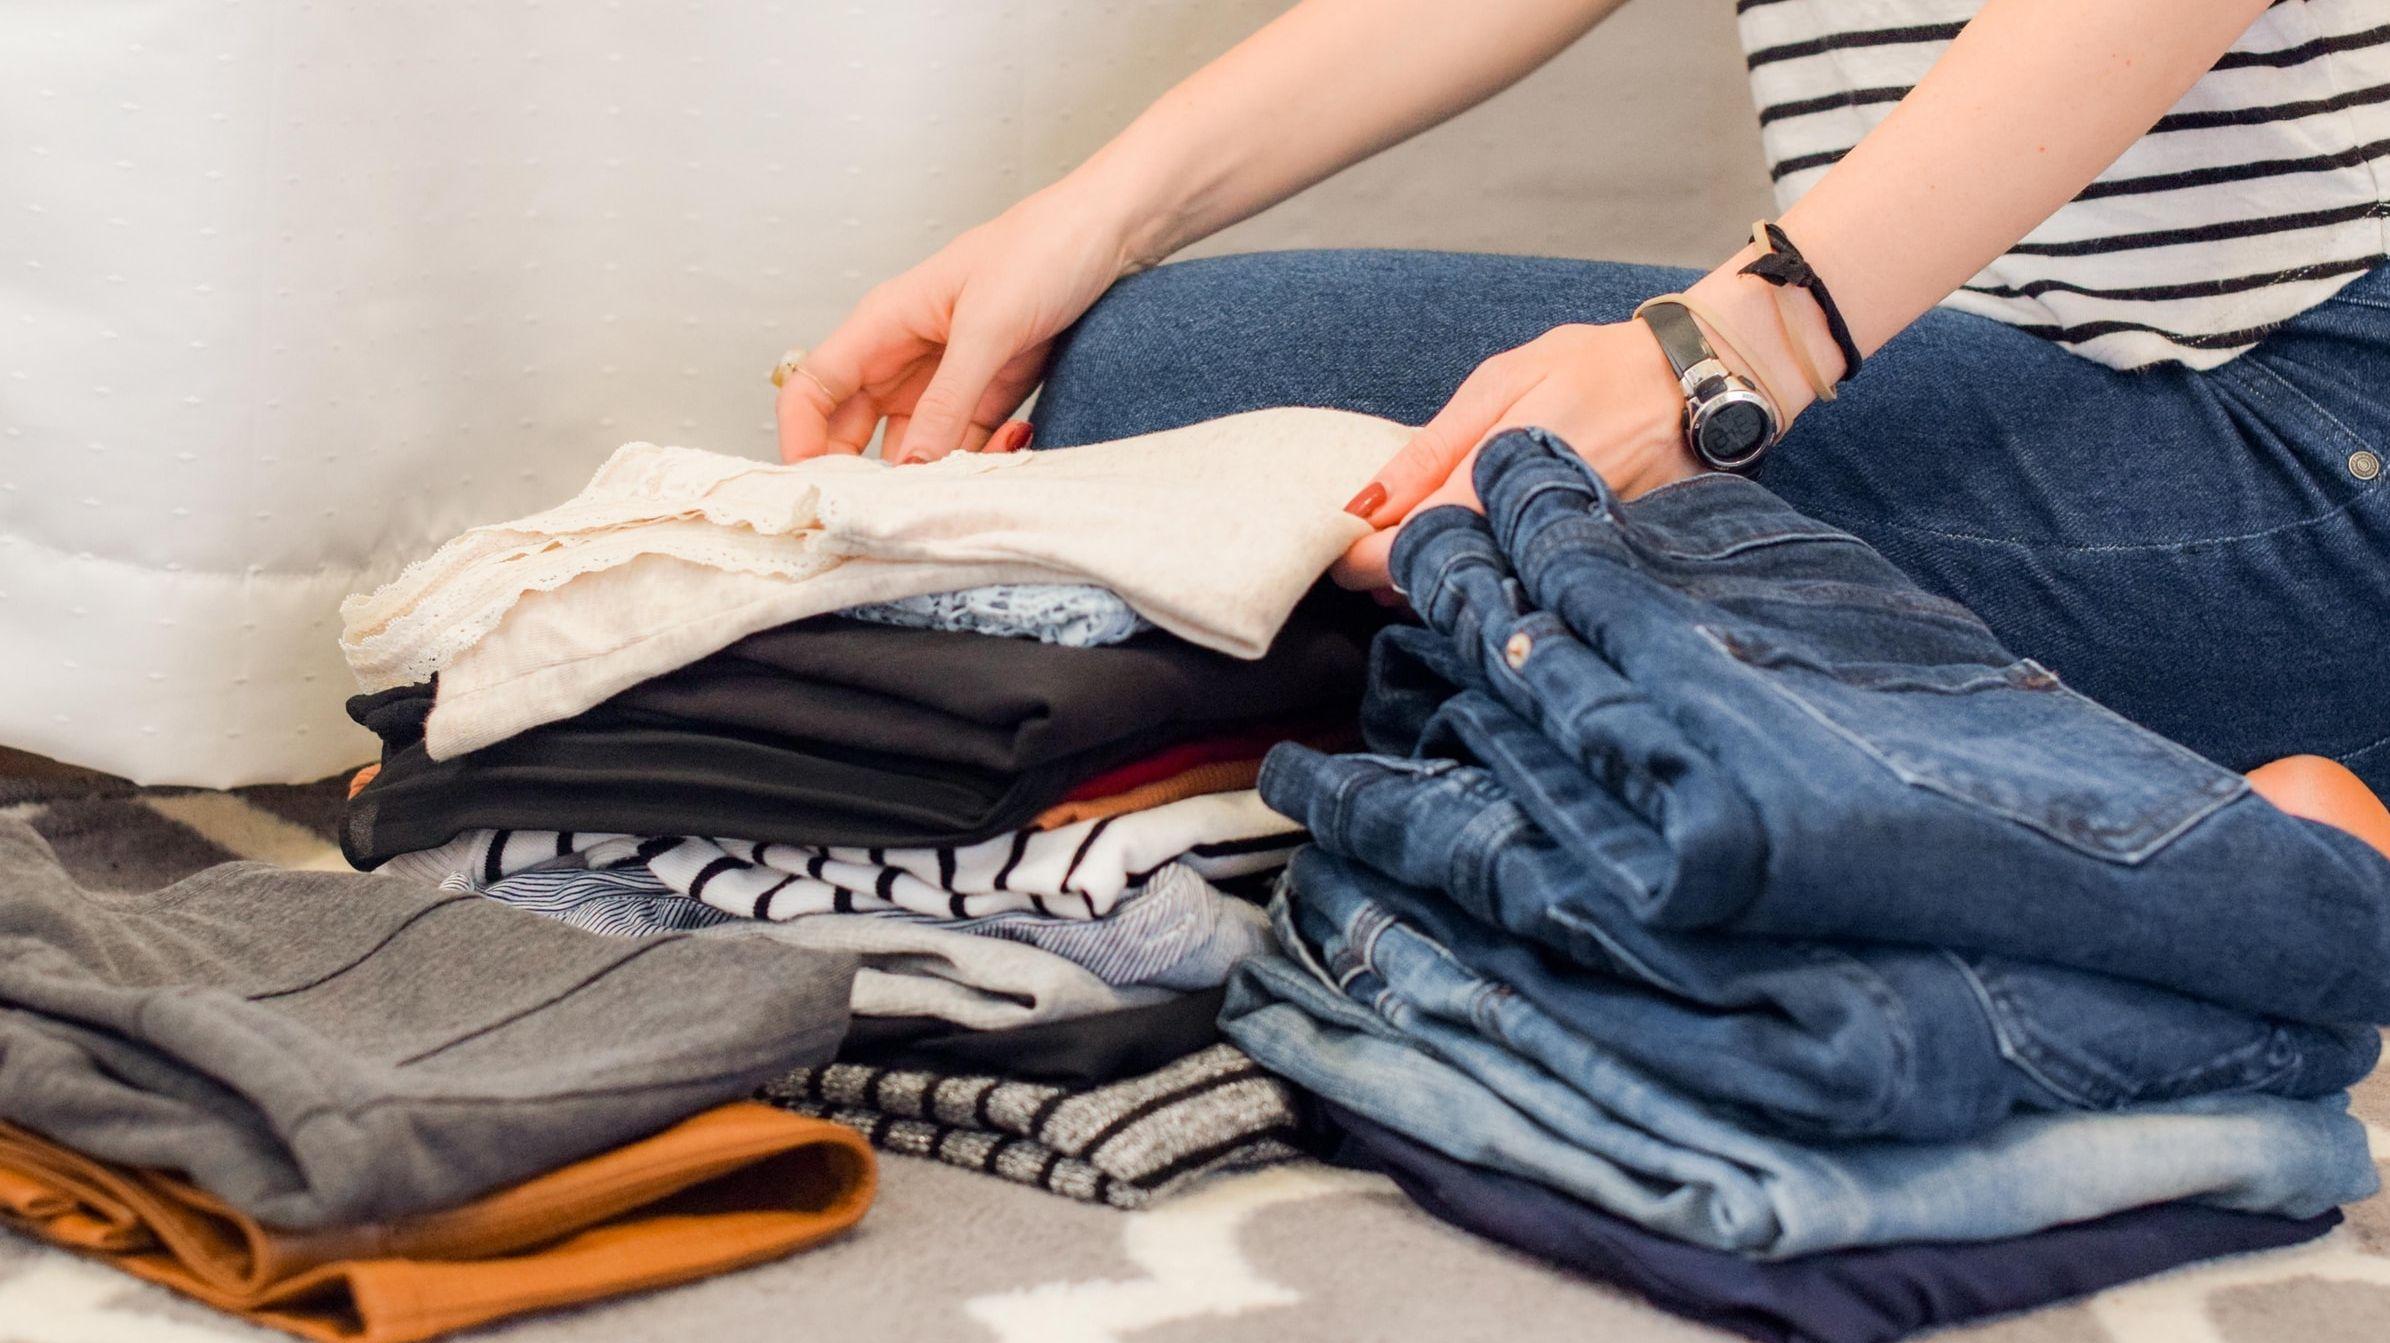 Frau ordnet Kleidungsstapel